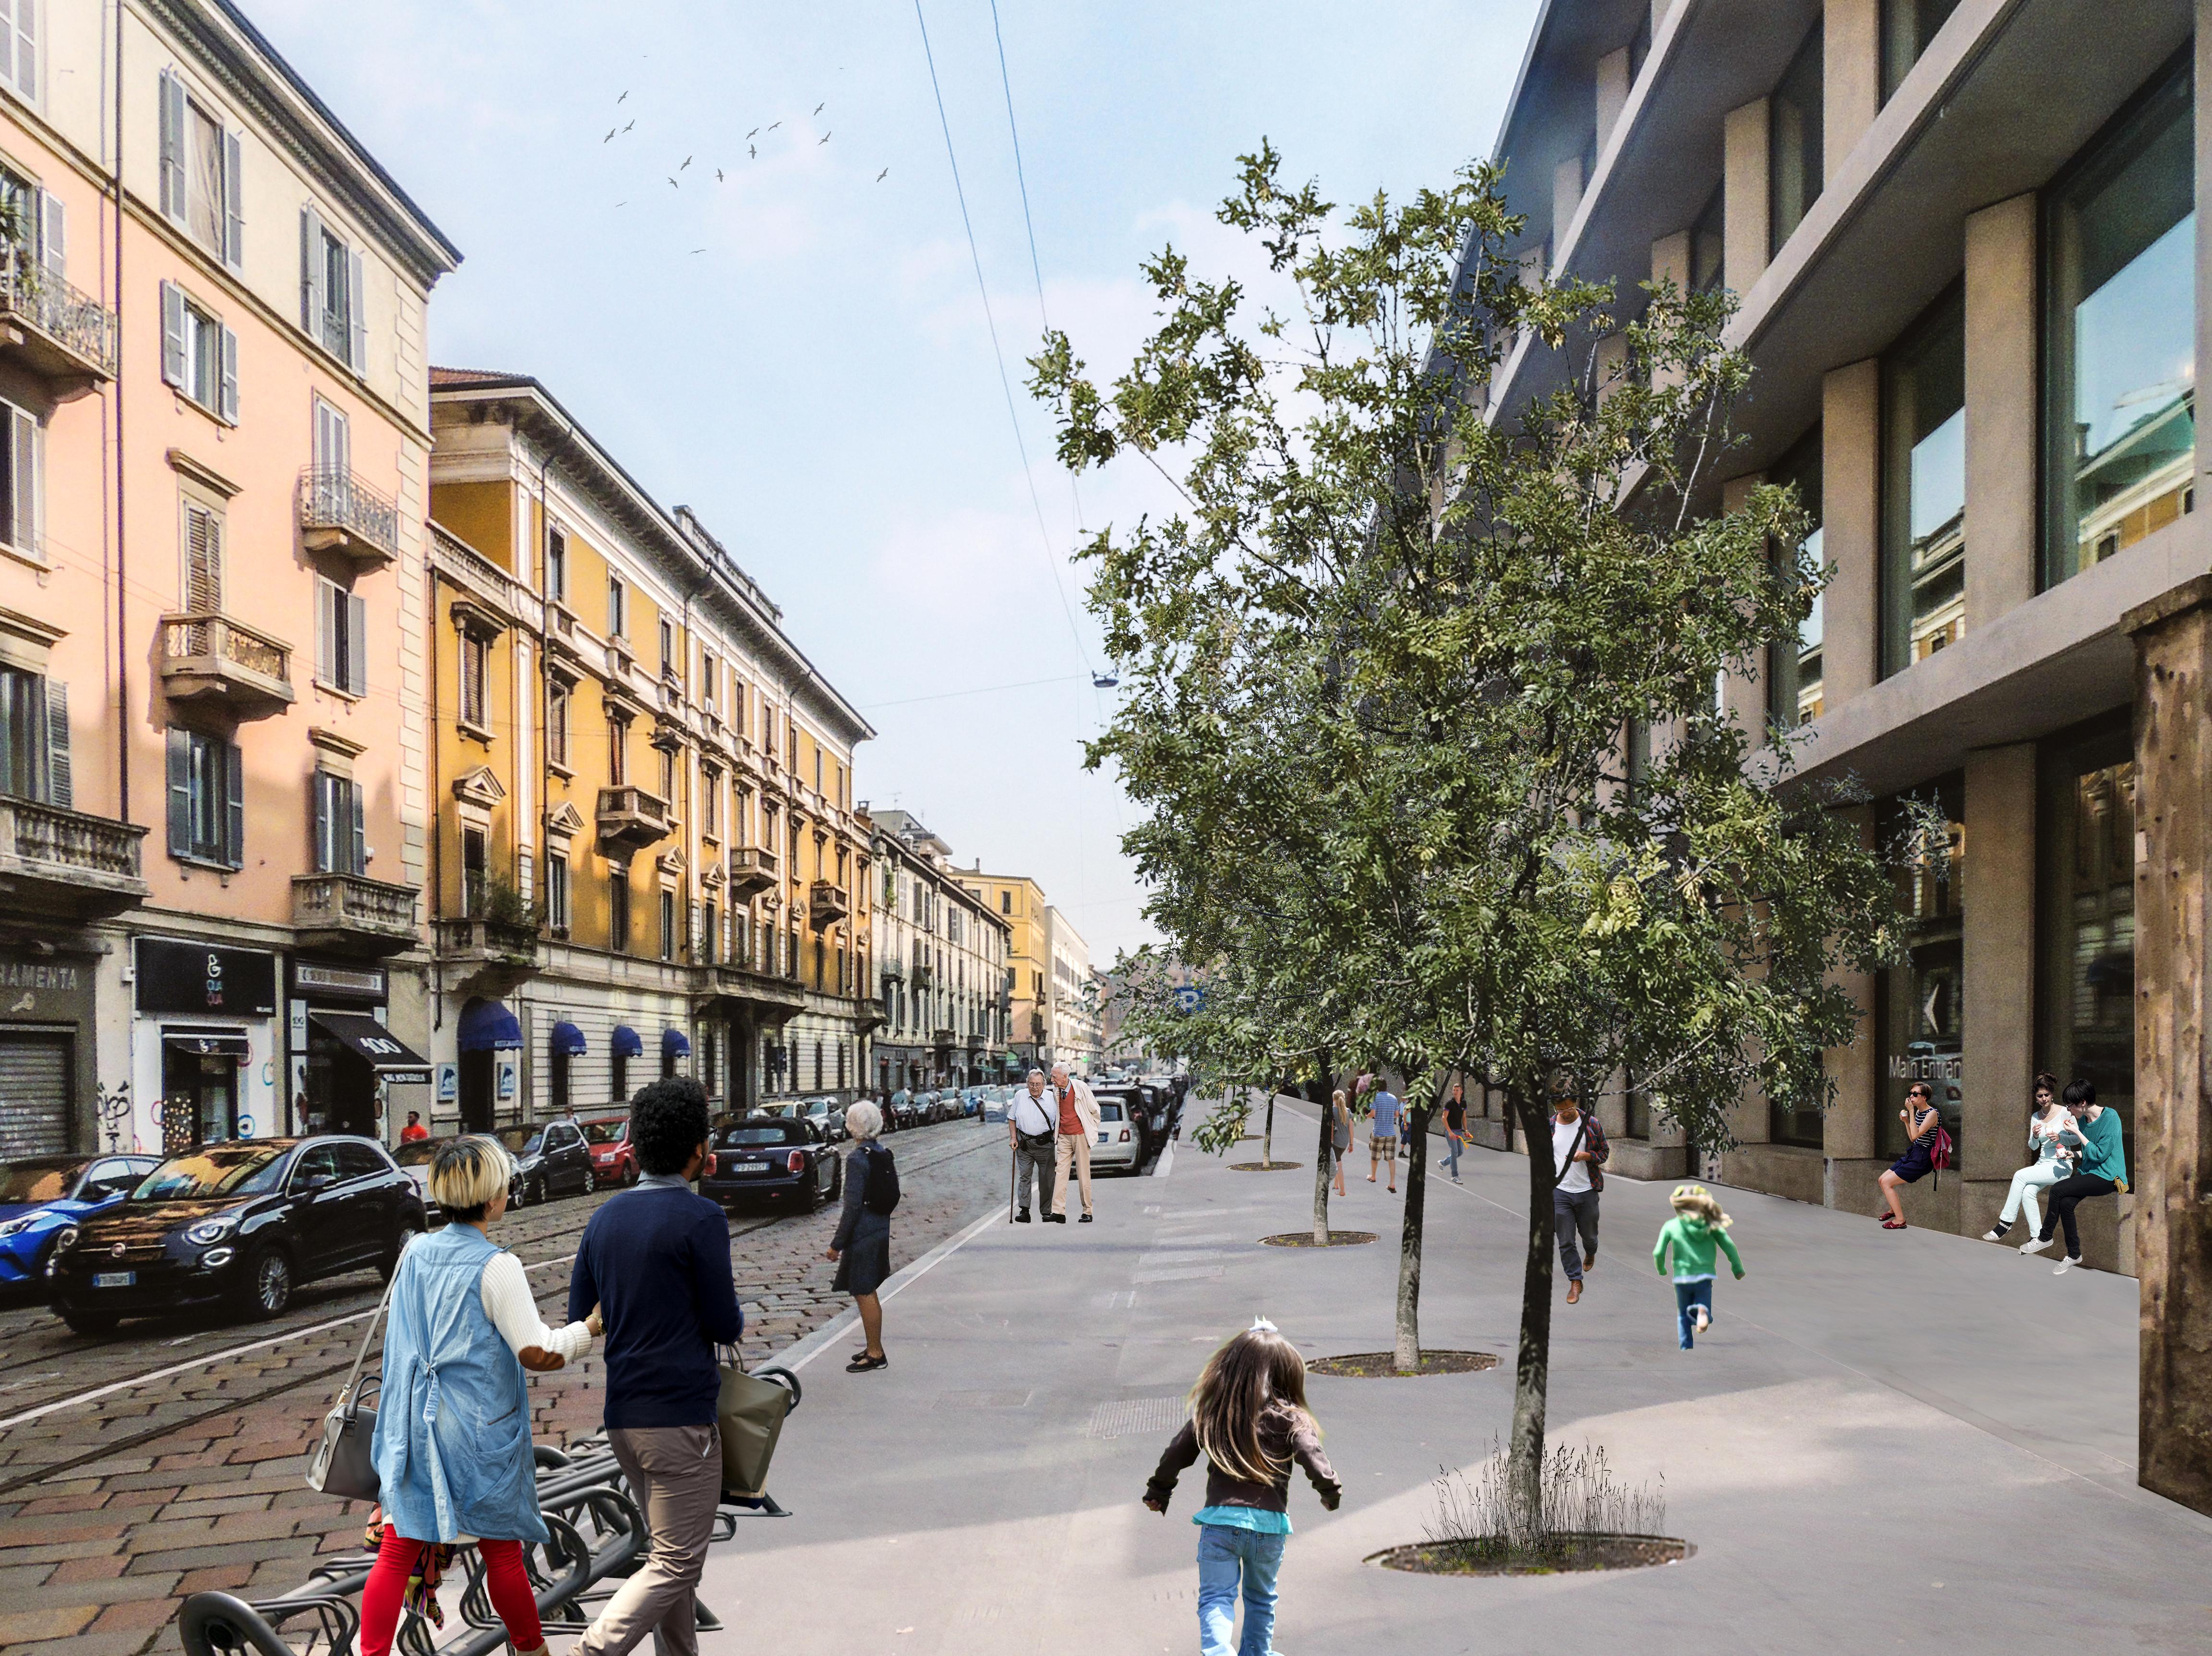 Piazzale Baiamonti, lavori e ritrovamenti archelogici (11)